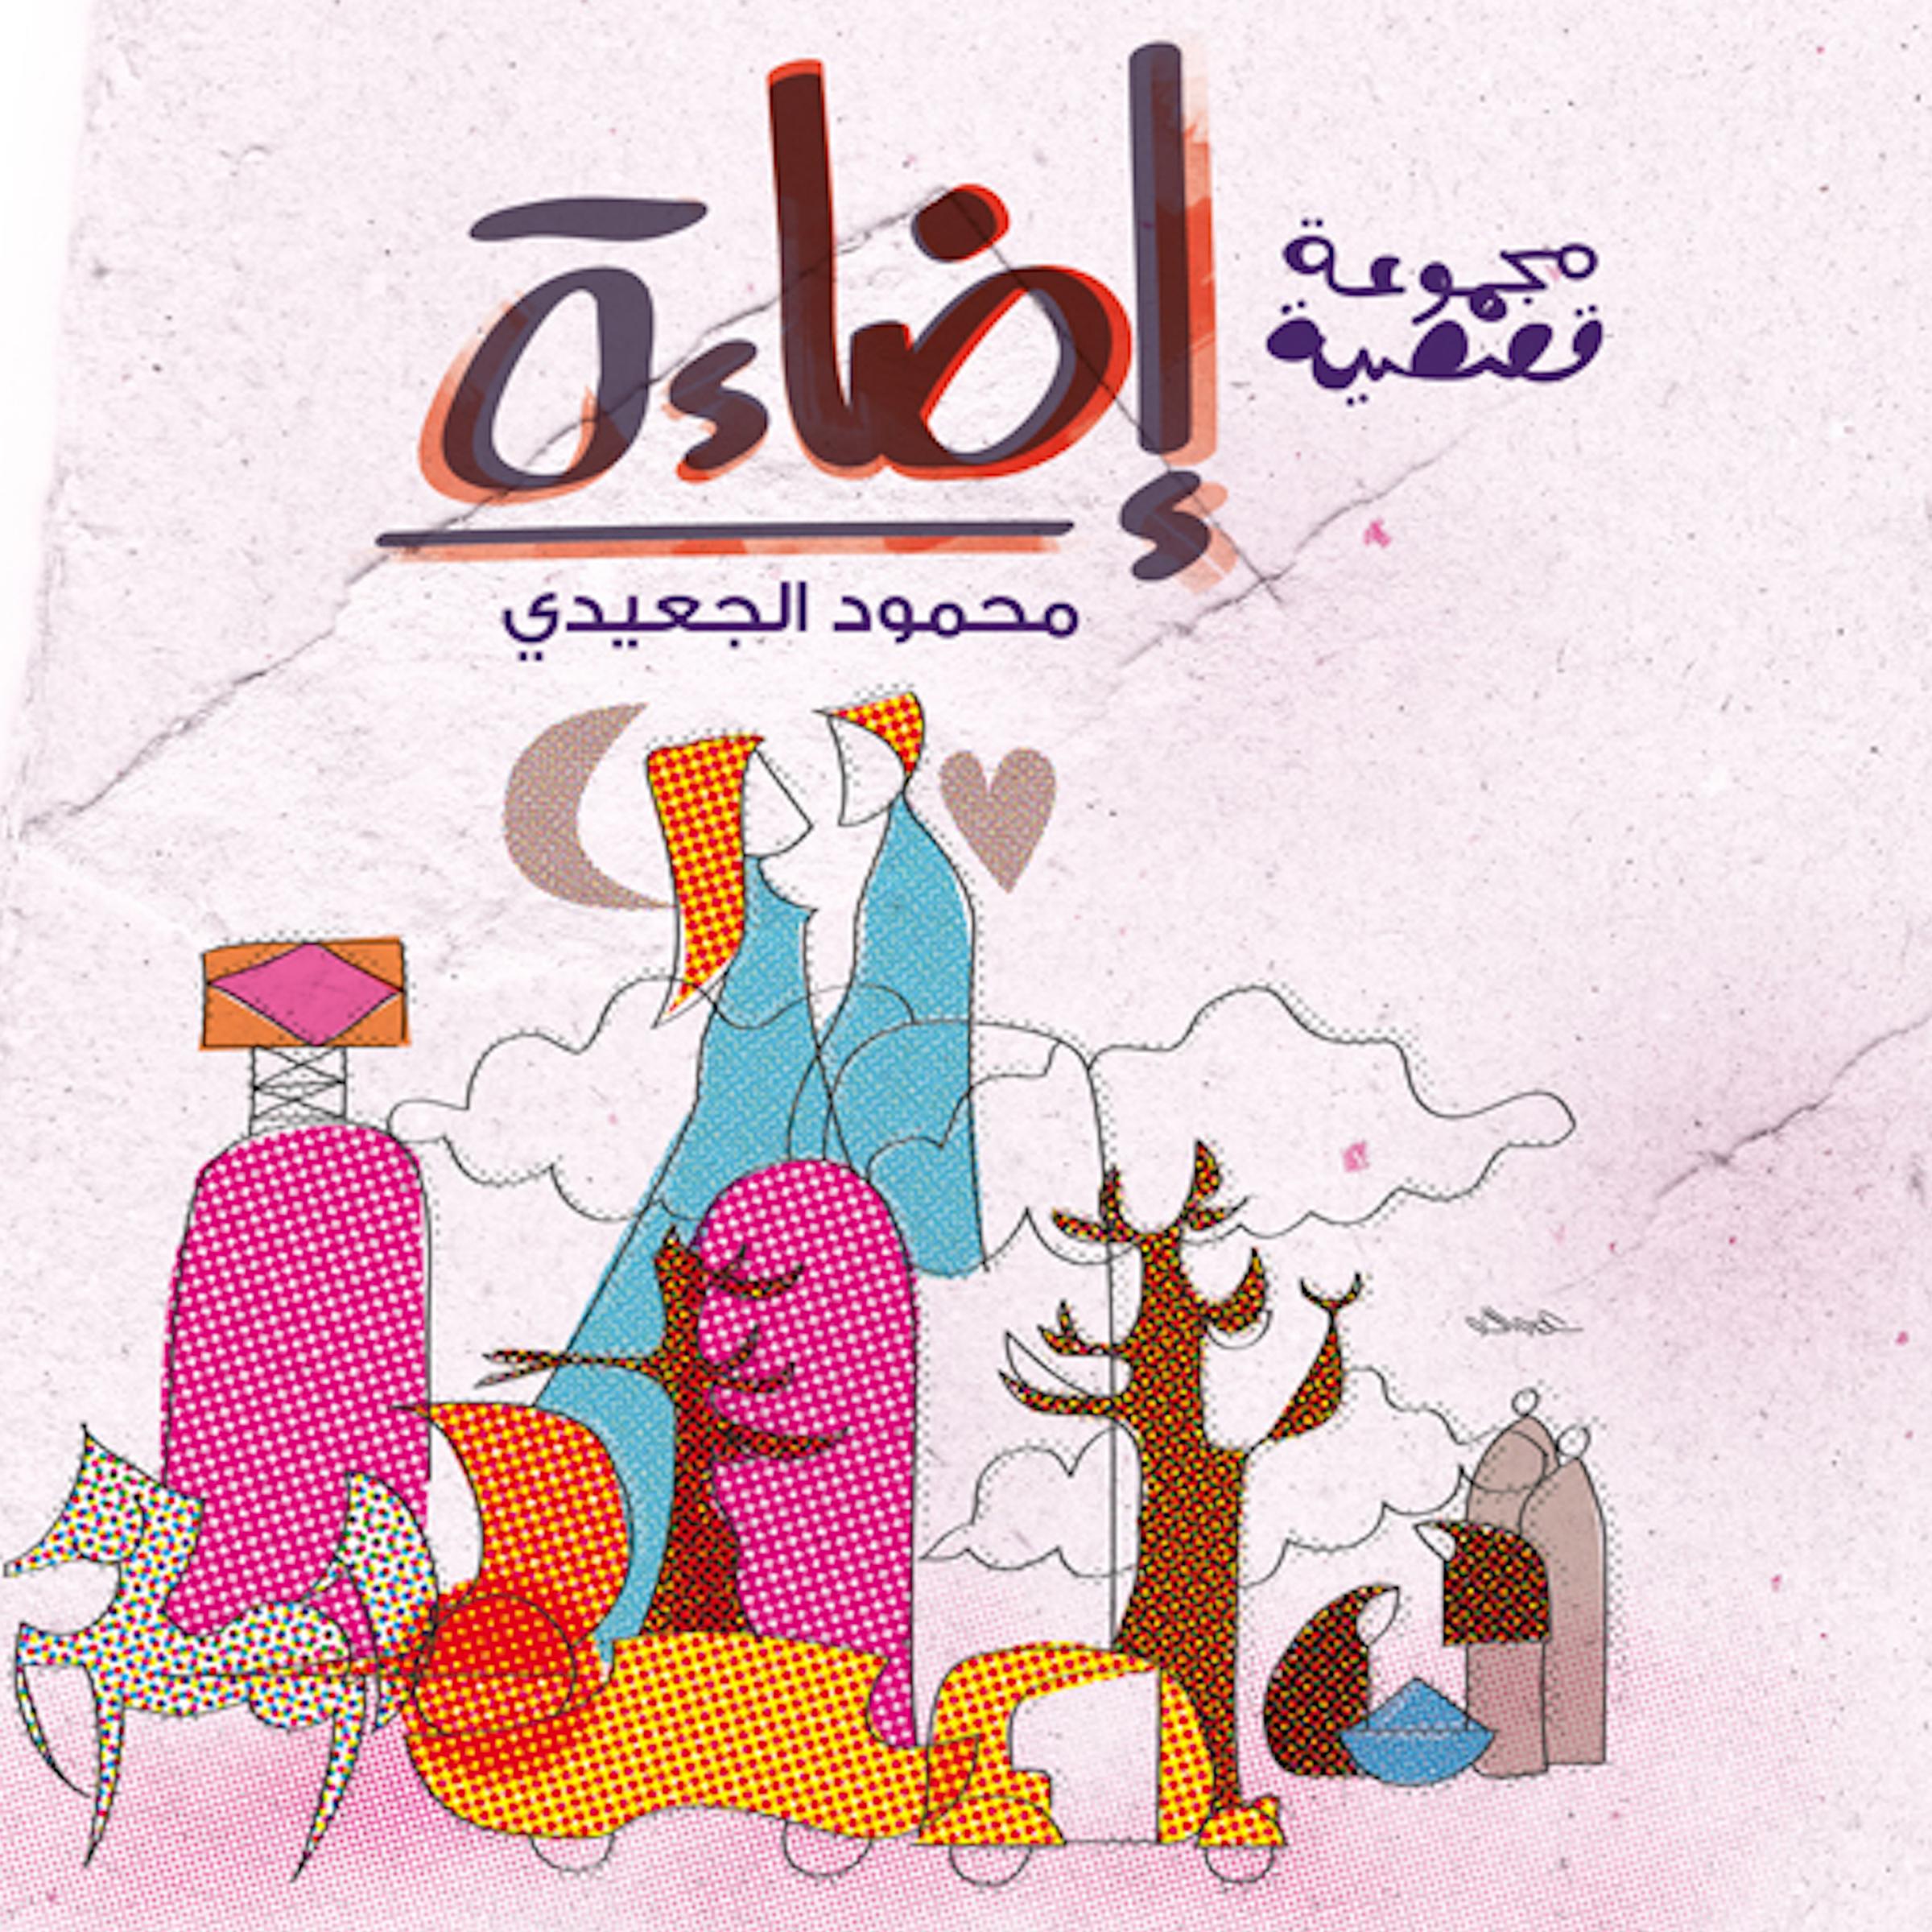 Eda2a cover image